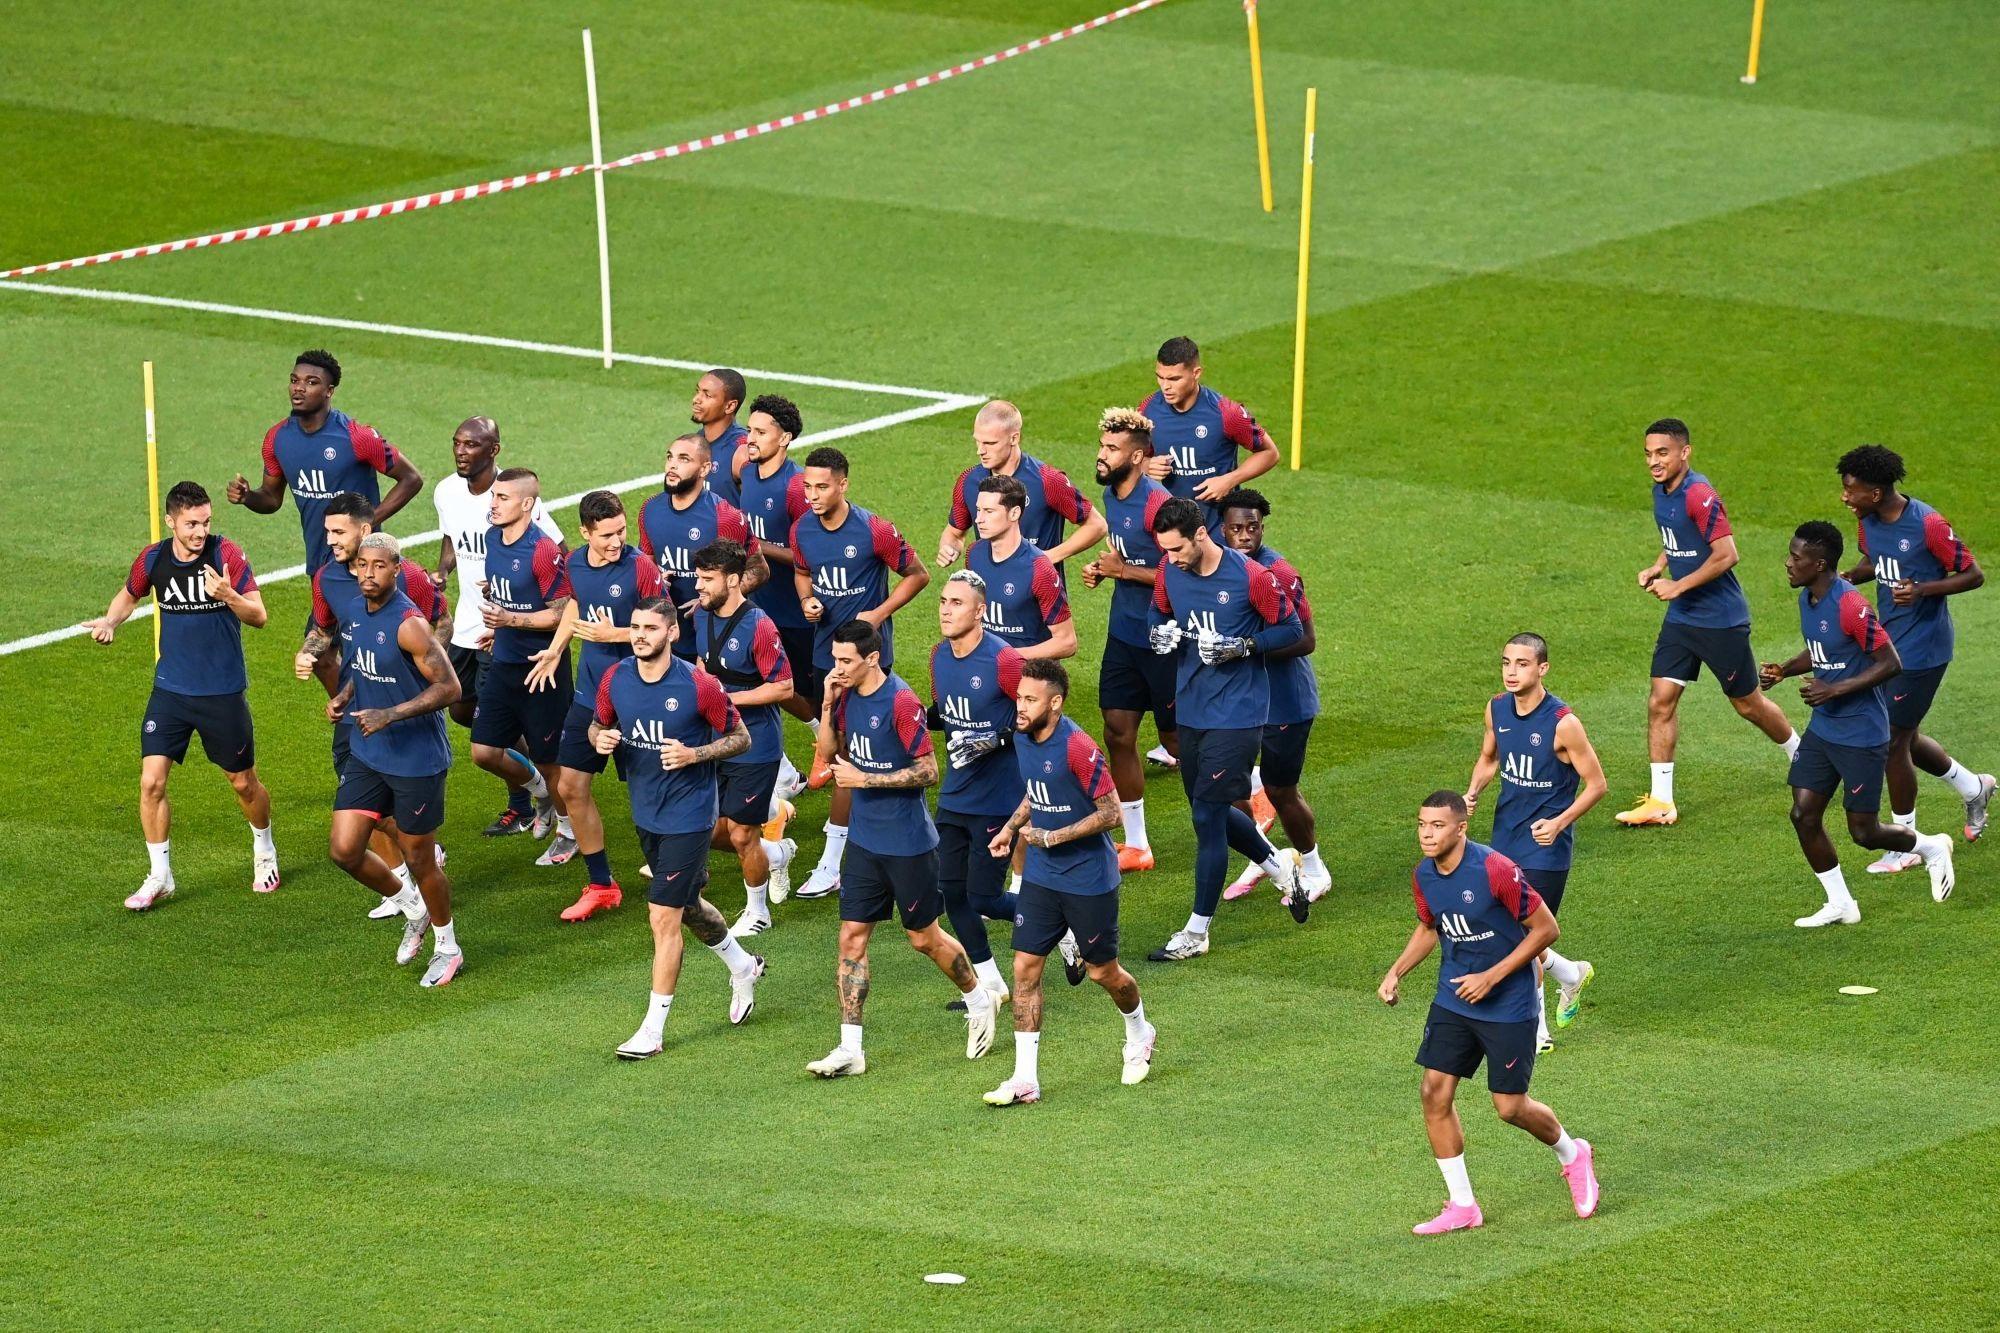 Nîmes/PSG - Suivez le début de l'entraînement des Parisiens ce jeudi à 17h